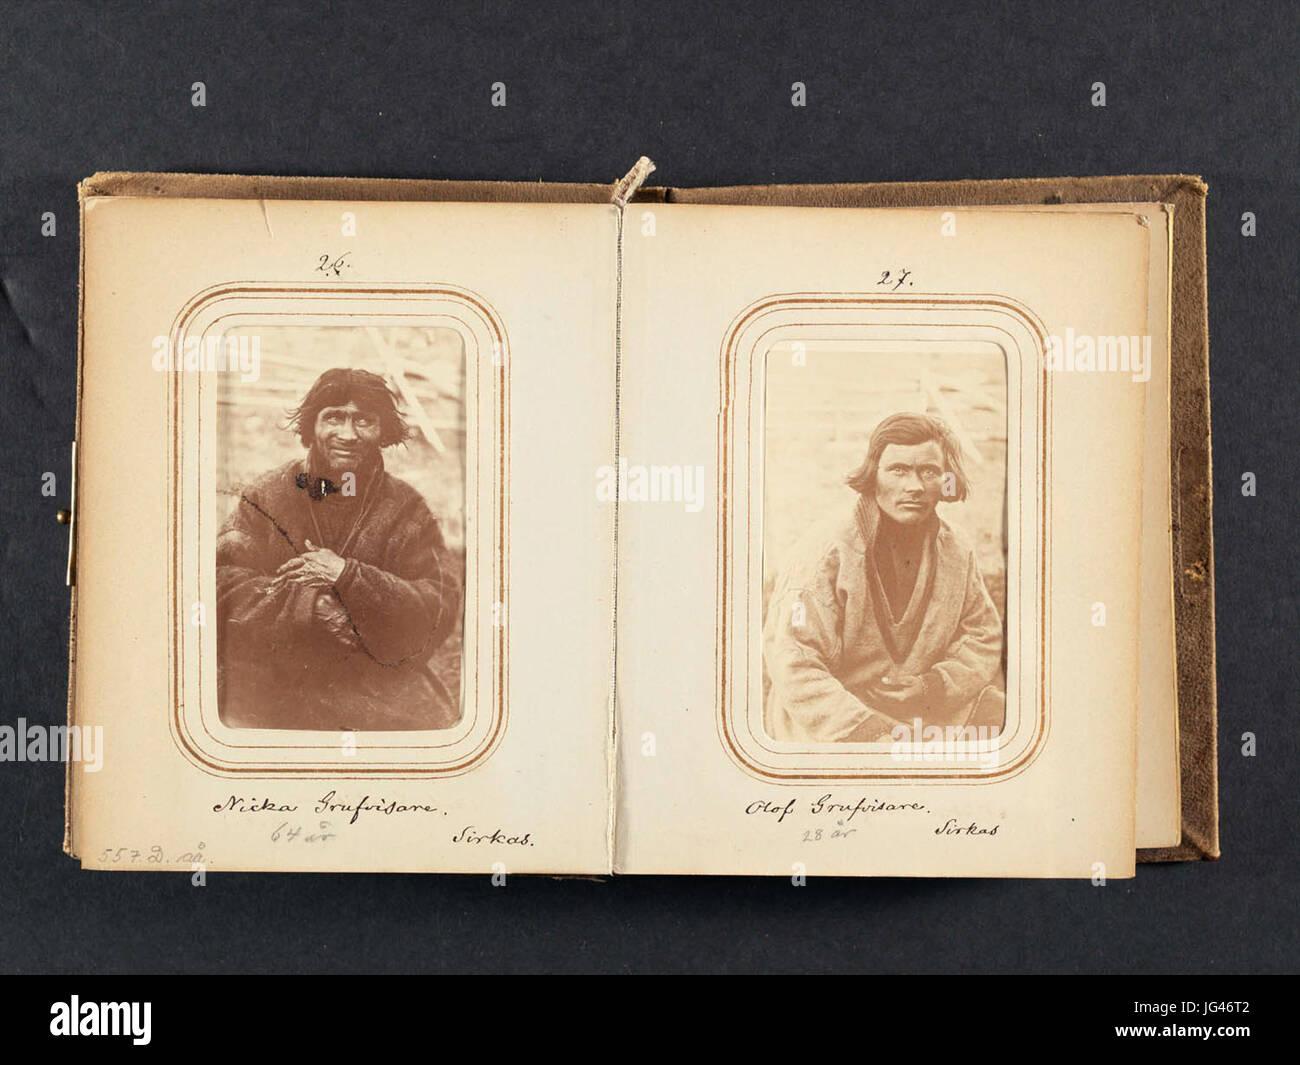 Olof Gruvvisare, 28 år gammal, same från Sirkas. Lotten von Düben 1868 - Nordiska Museet - NMA.0033113 - Stock Image